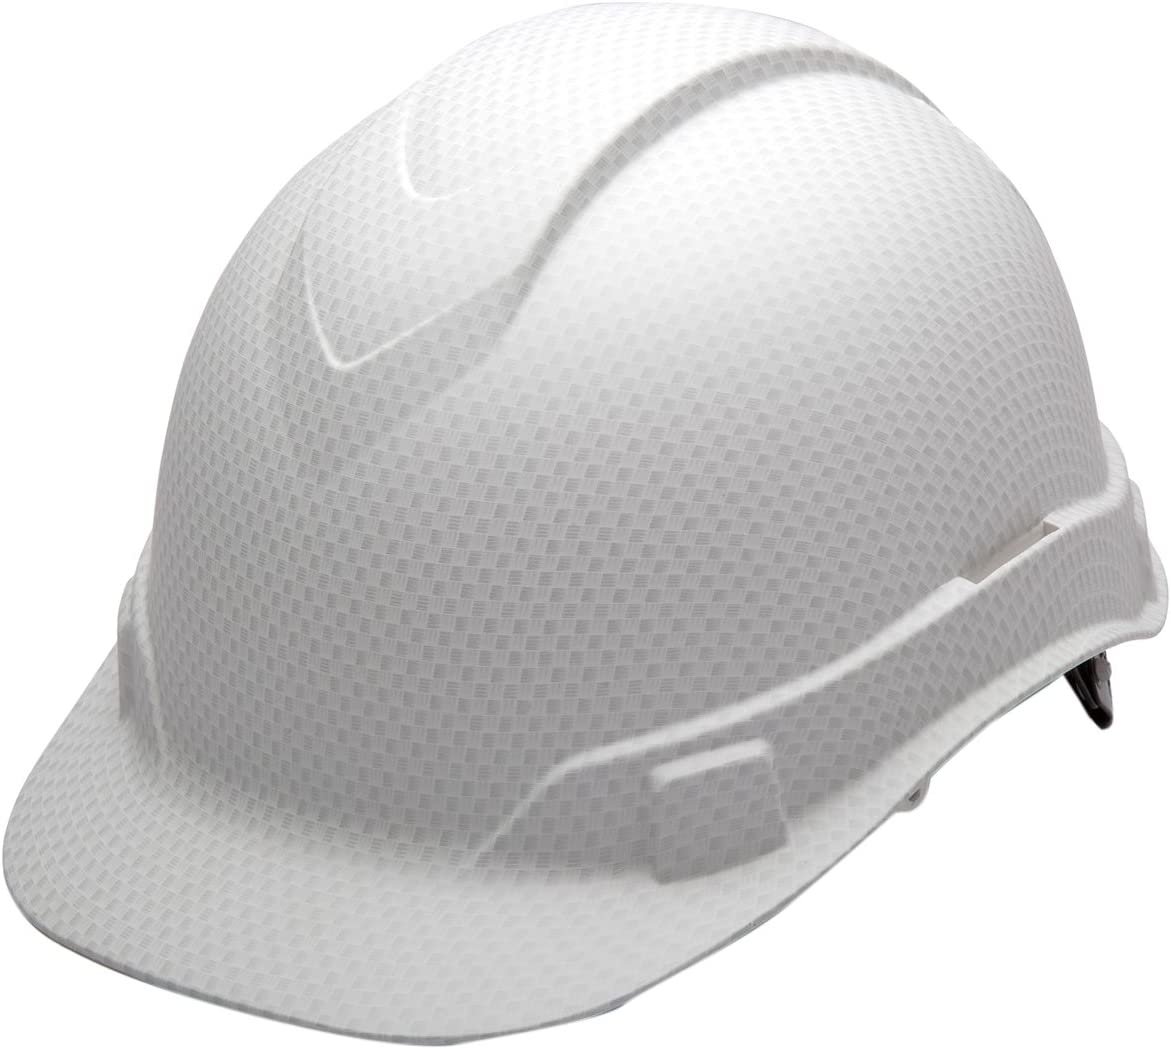 Pyramex Ridgeline Cap Style Hard Hat, 4-Point Ratchet Suspension, Matte White Graphite Pattern